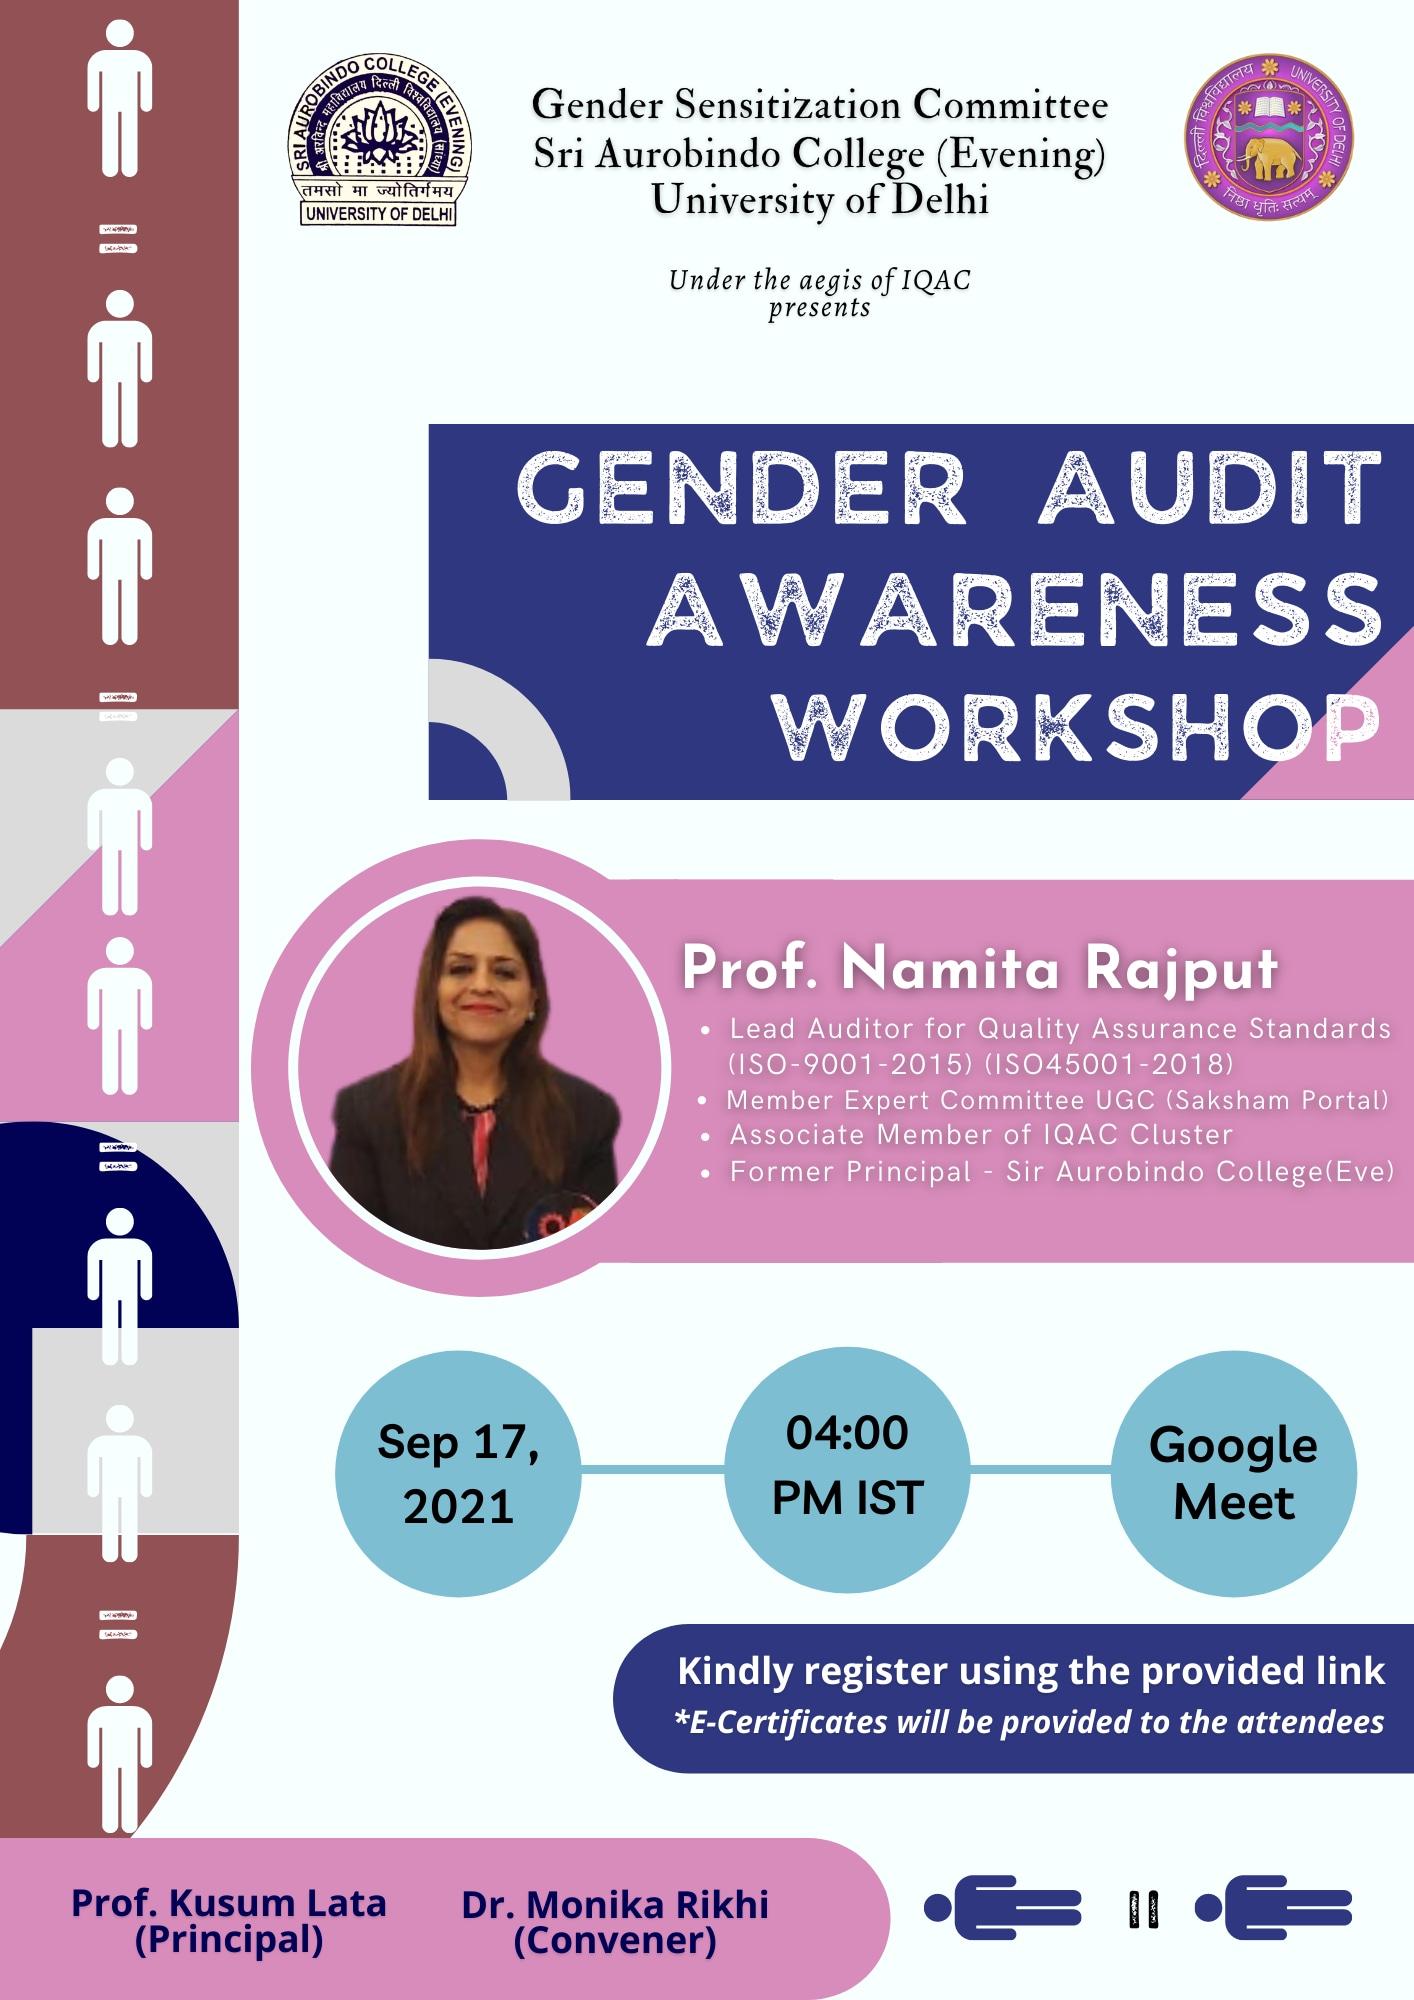 Gender Audit Awareness Workshop